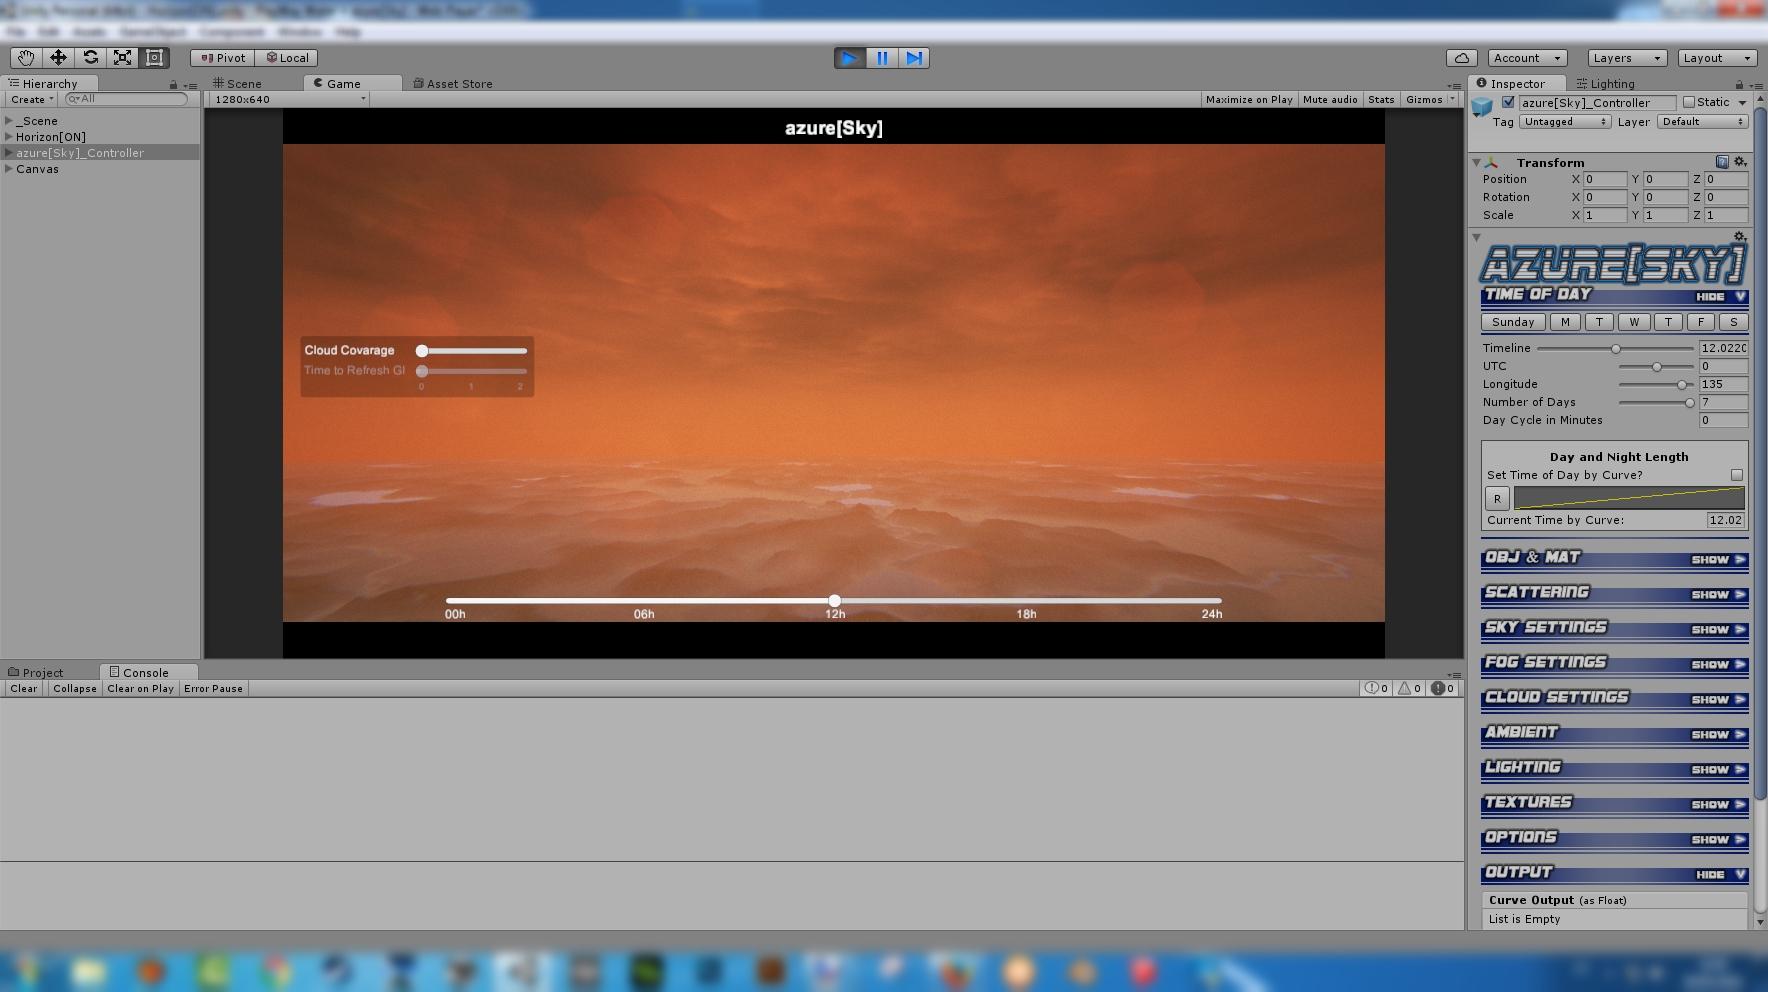 NoonScreen2.jpg